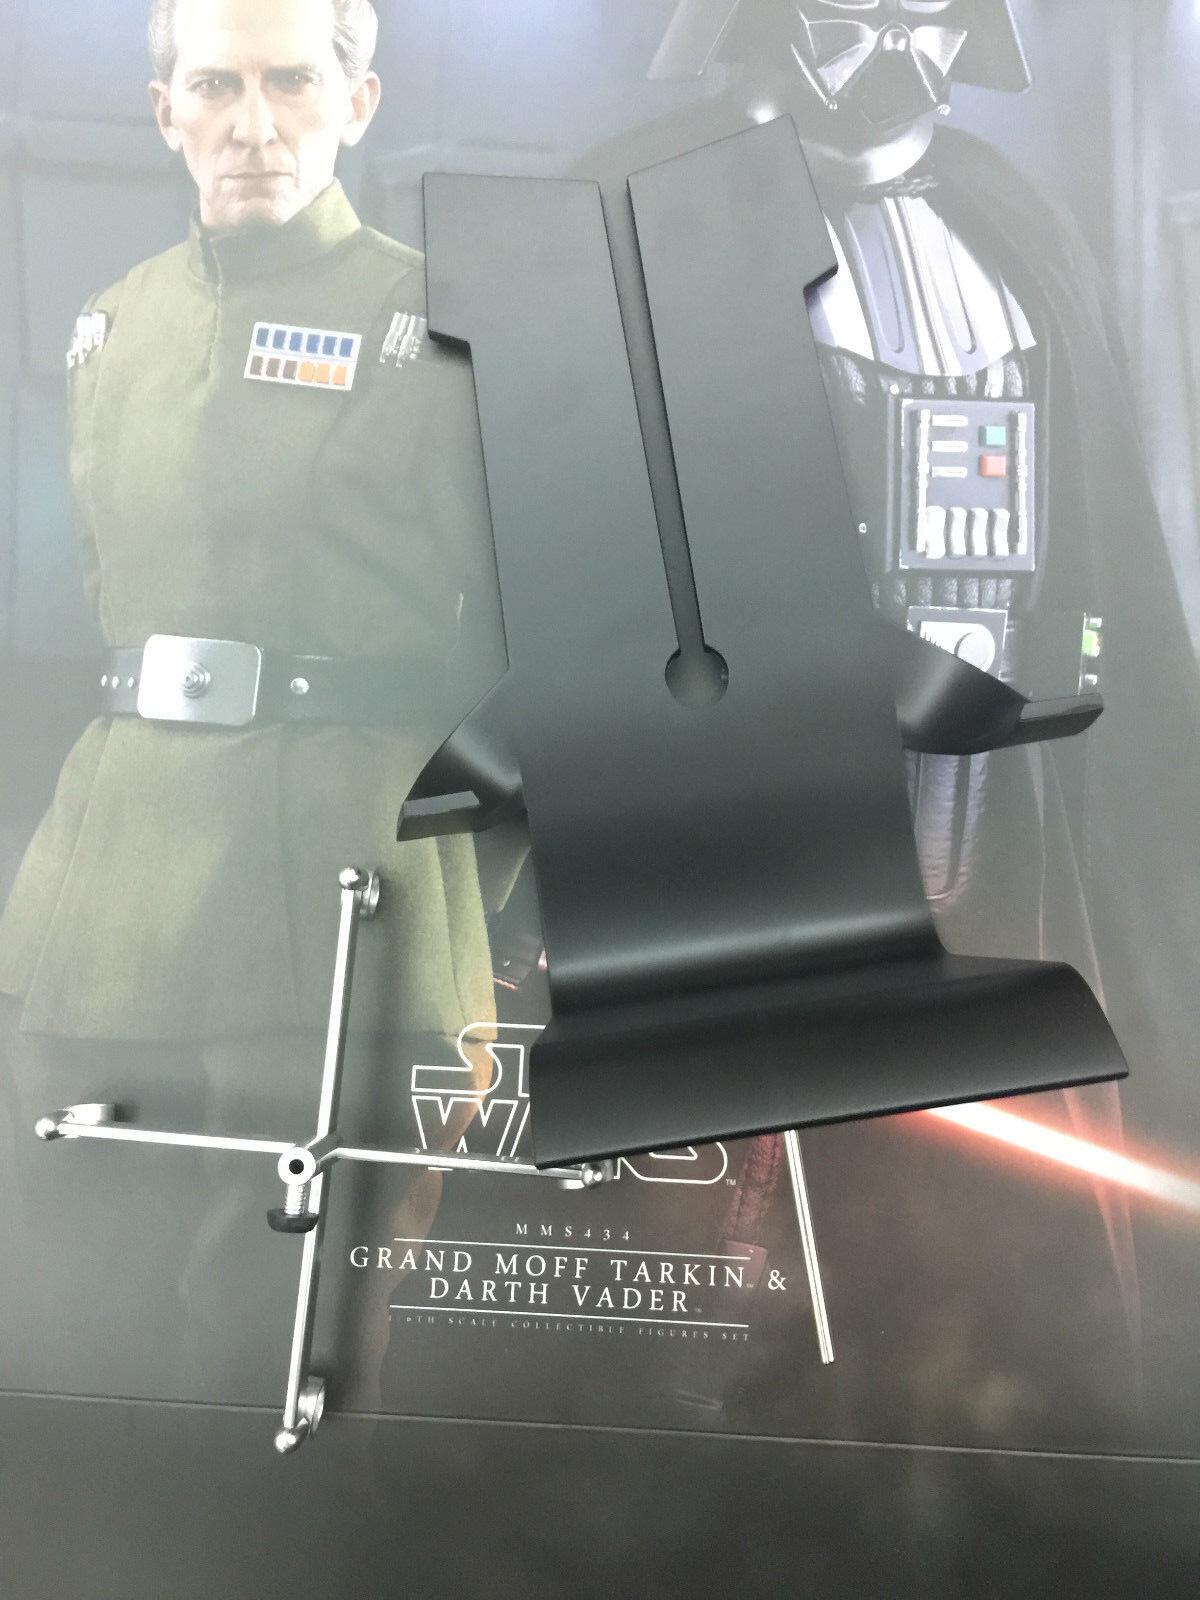 Hot Juguetes Darth Vader & Moff Tarkin MMS434 - 1 6th conjunto de silla de escala Moff's